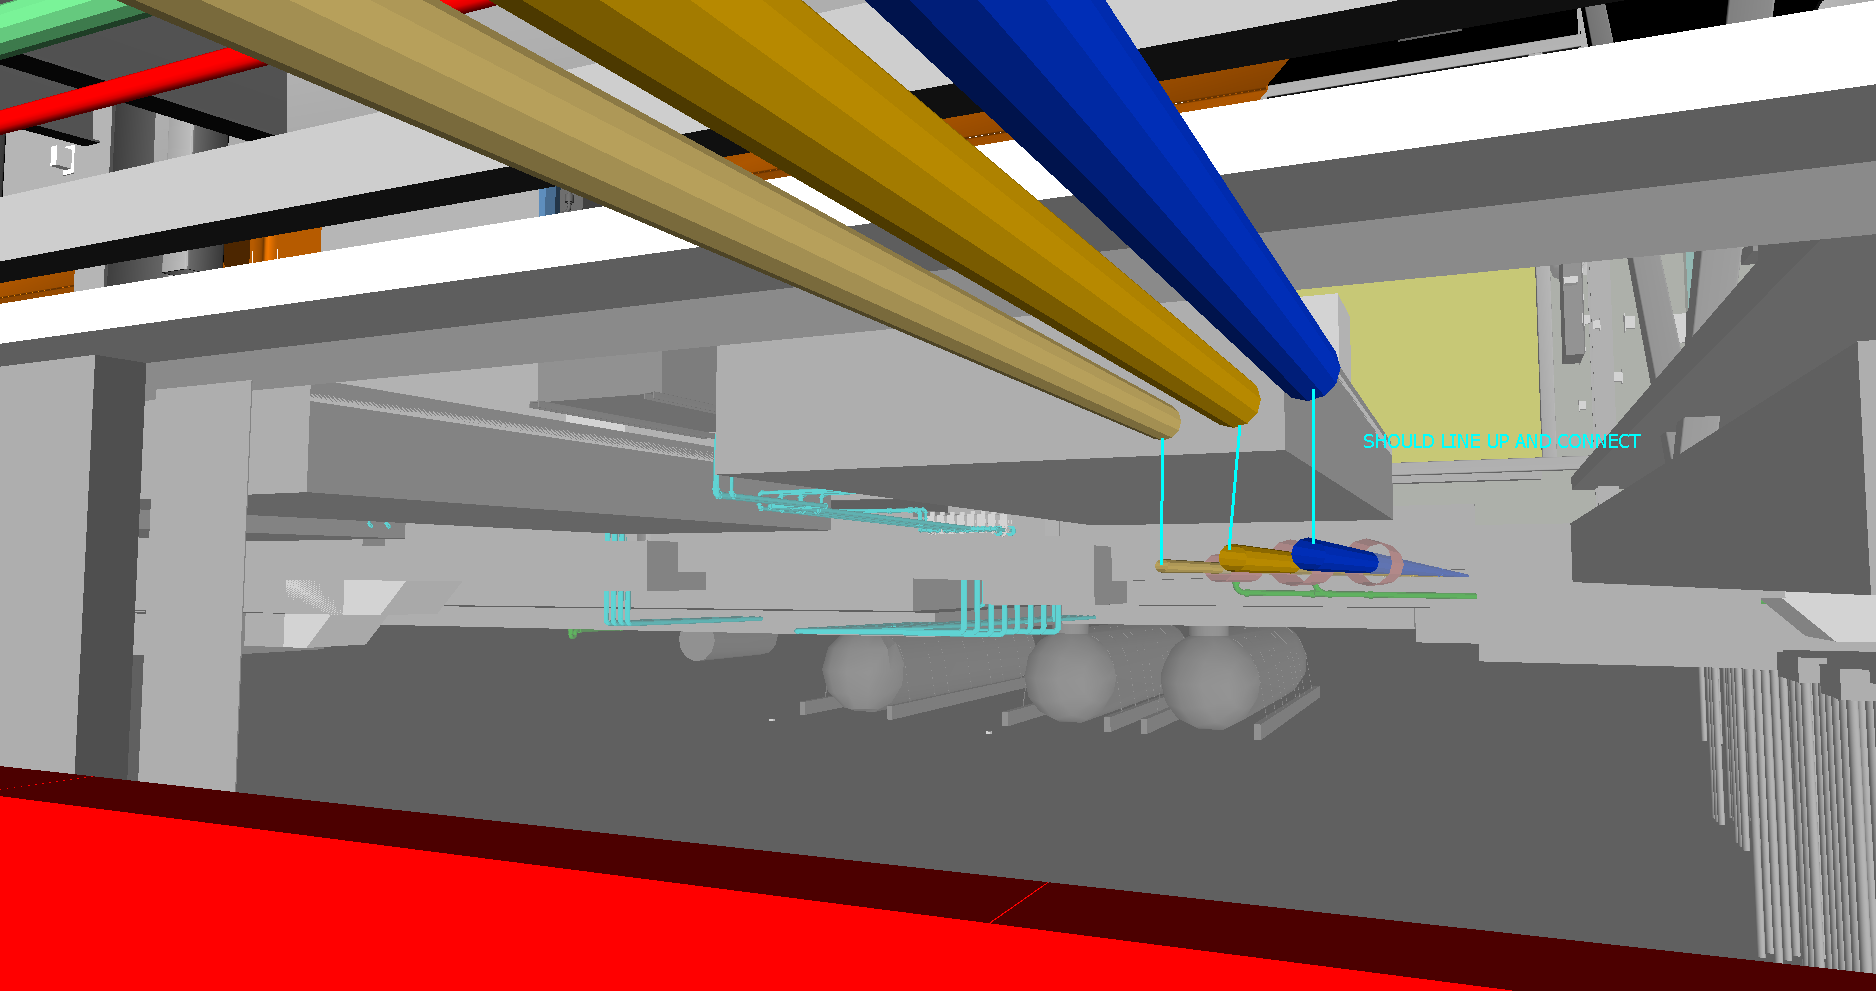 Navisworks | Contractors Revit – BIM Model Viewer | Bradley